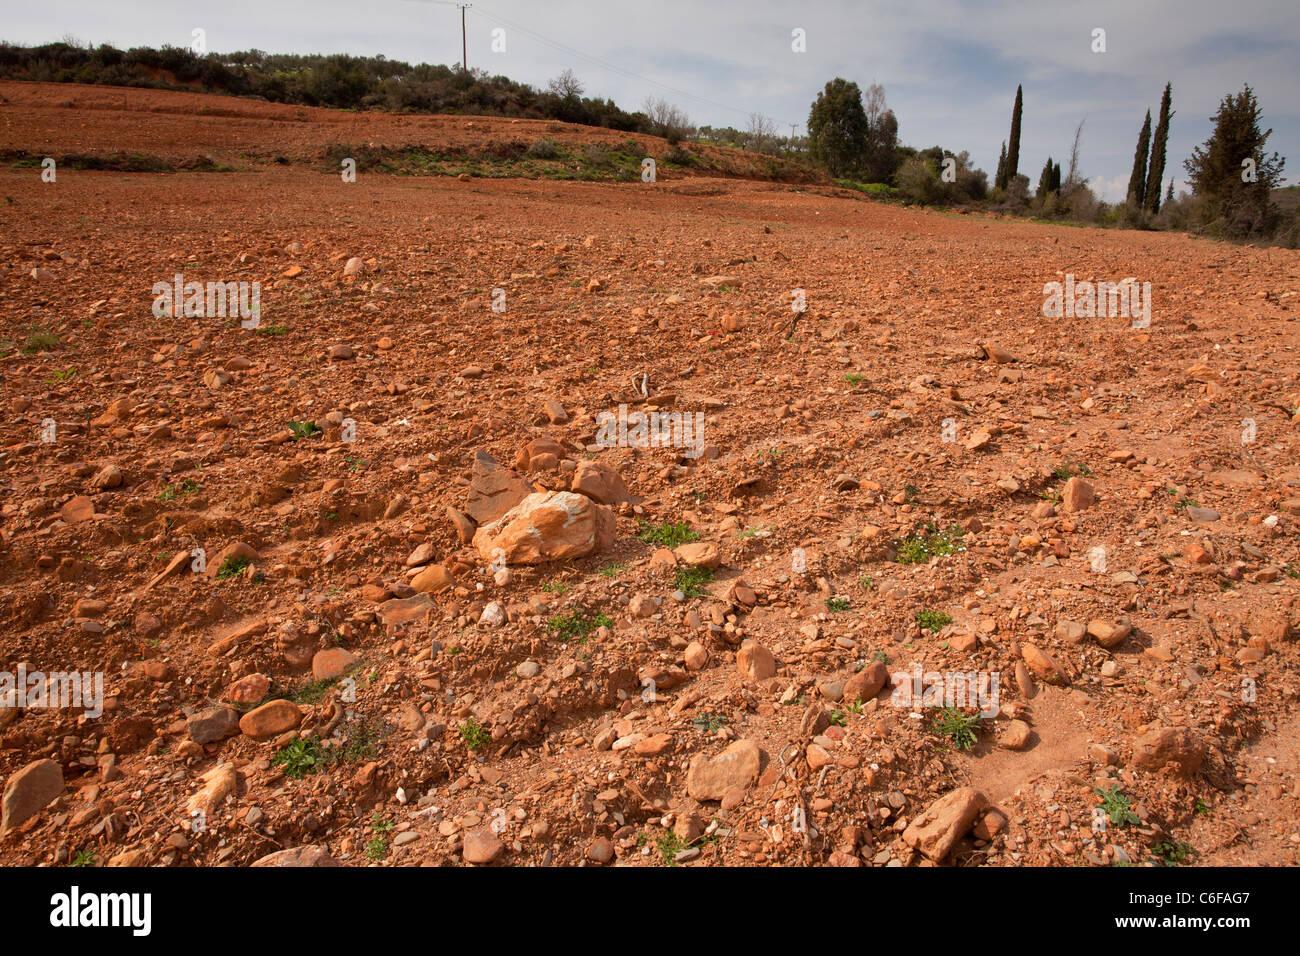 Blumenreiche Website, mit vielen endemischen Arten, durch Pflügen zerstört; Mani Halbinsel, Griechenland. Stockbild